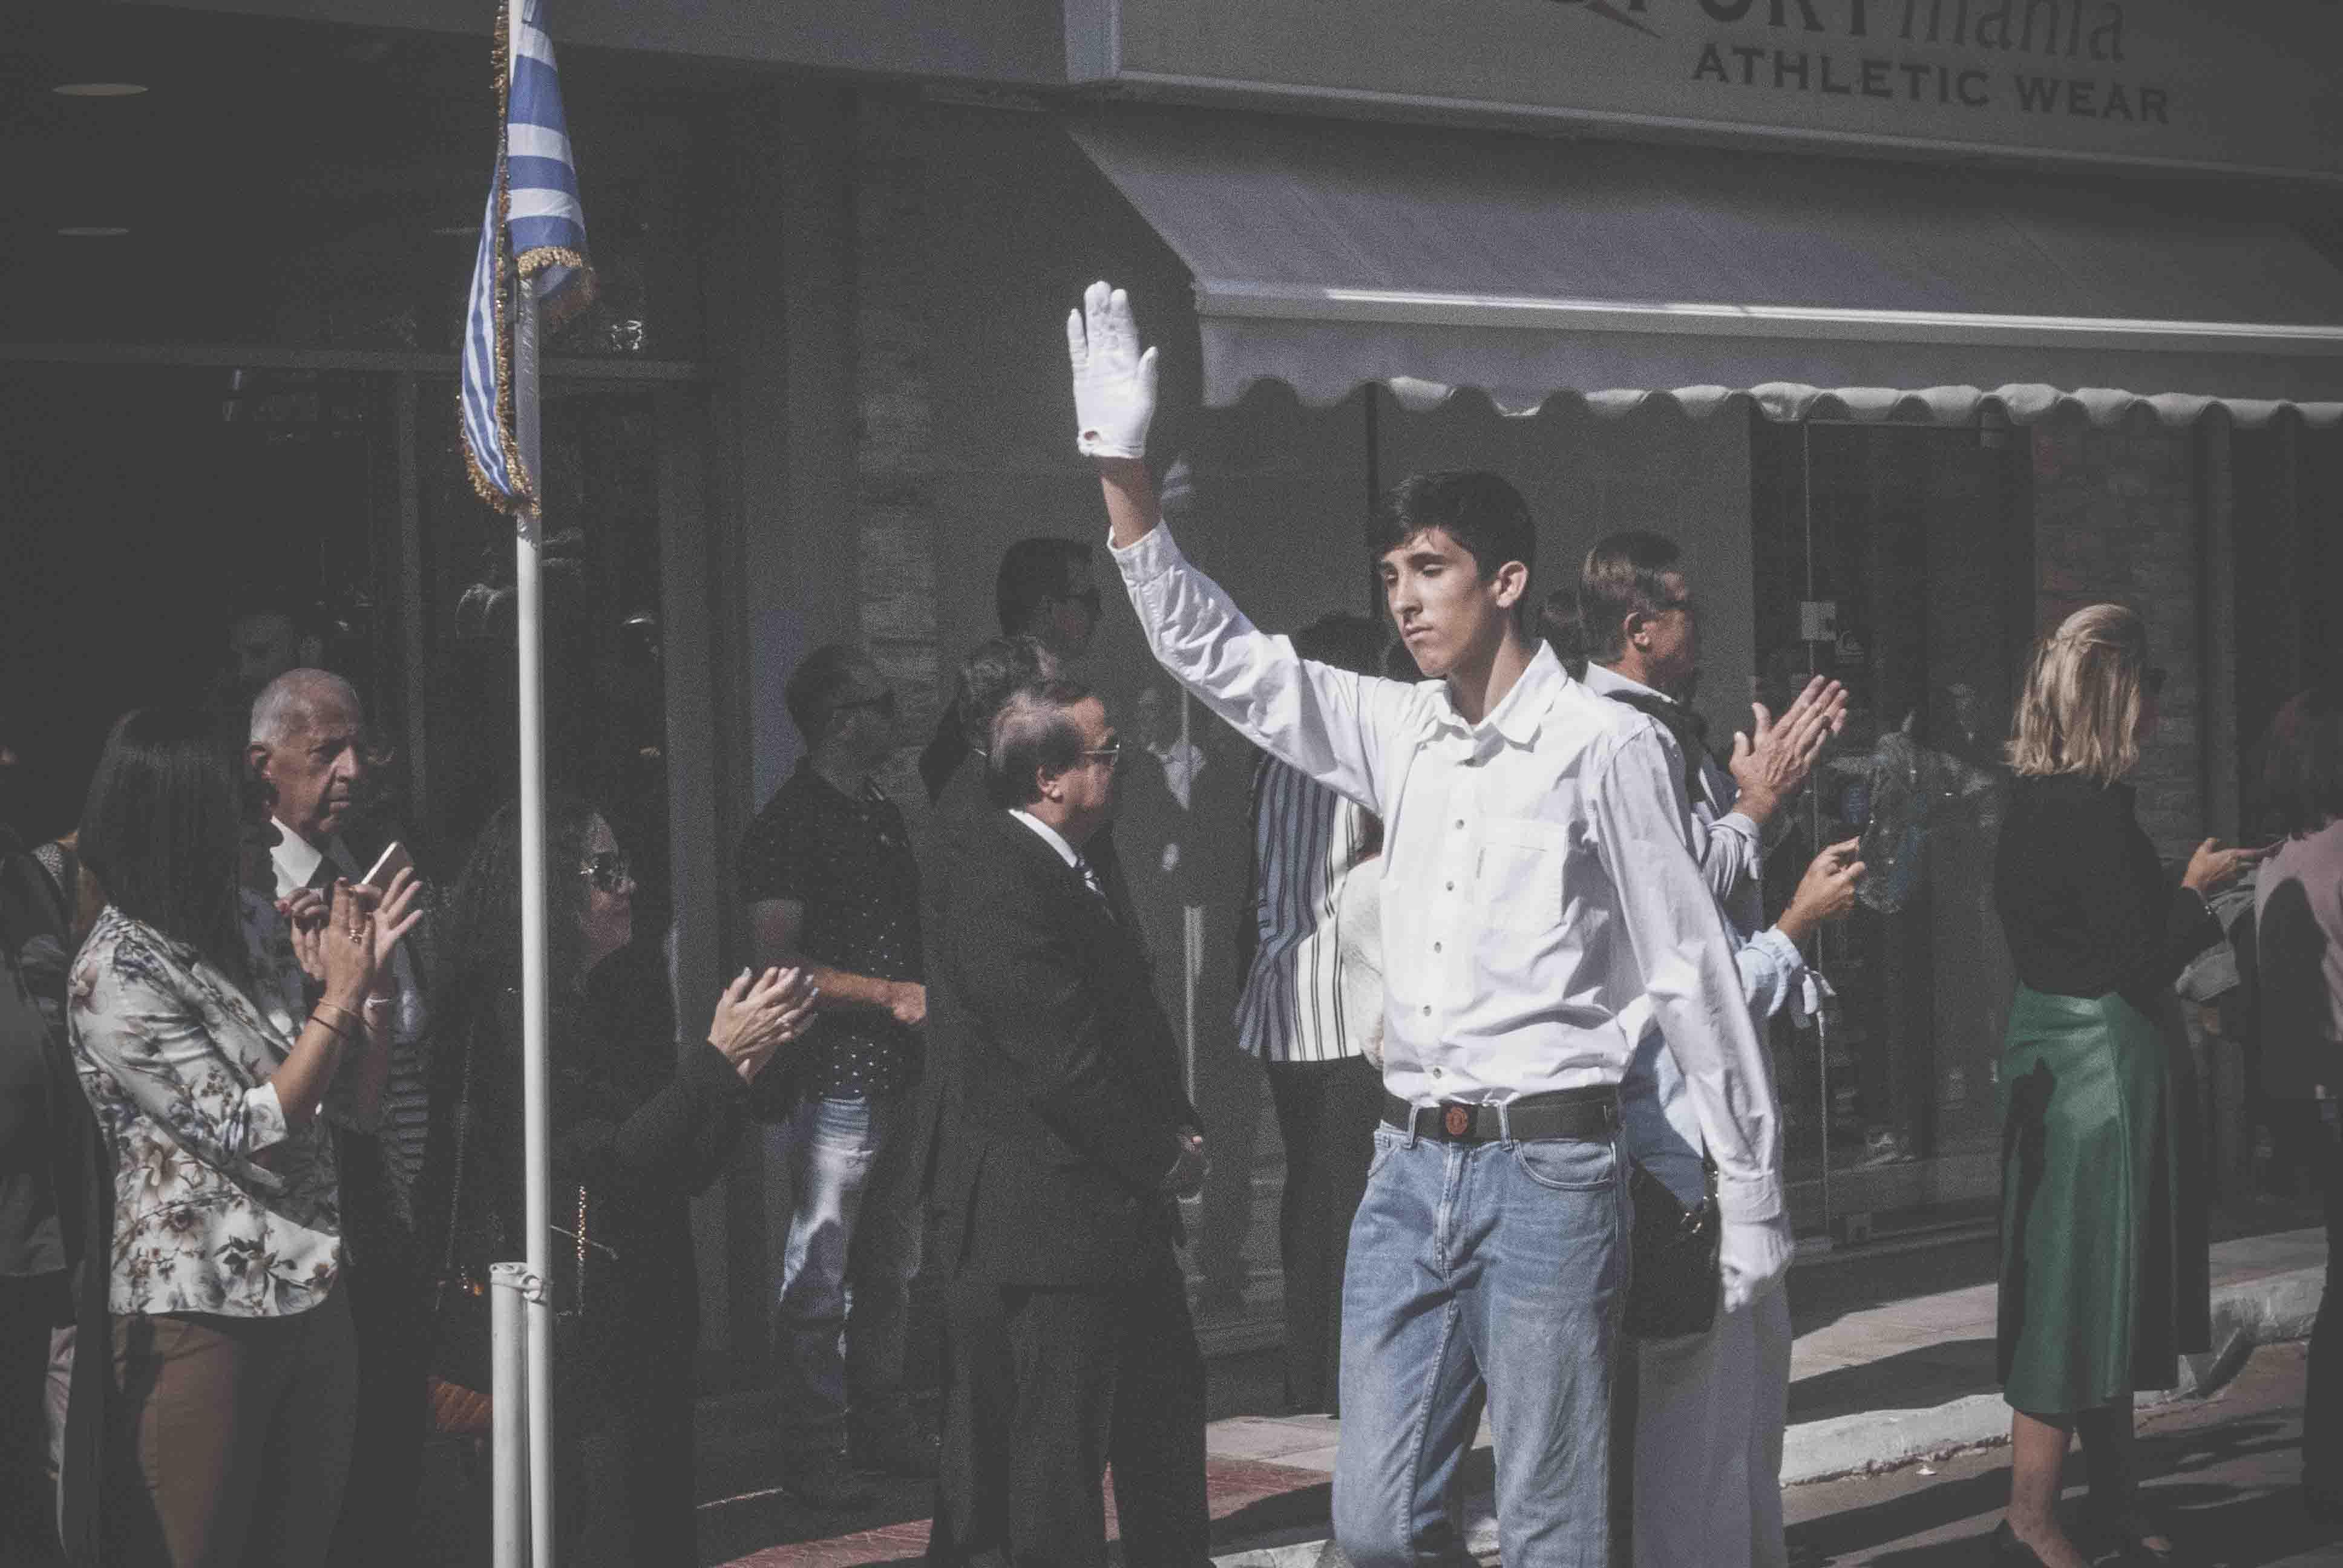 Φωτογραφικό υλικό από την παρέλαση στα Ψαχνά DSC 0400  Η παρέλαση της 28ης Οκτωβρίου σε Καστέλλα και Ψαχνά (φωτό) DSC 0400